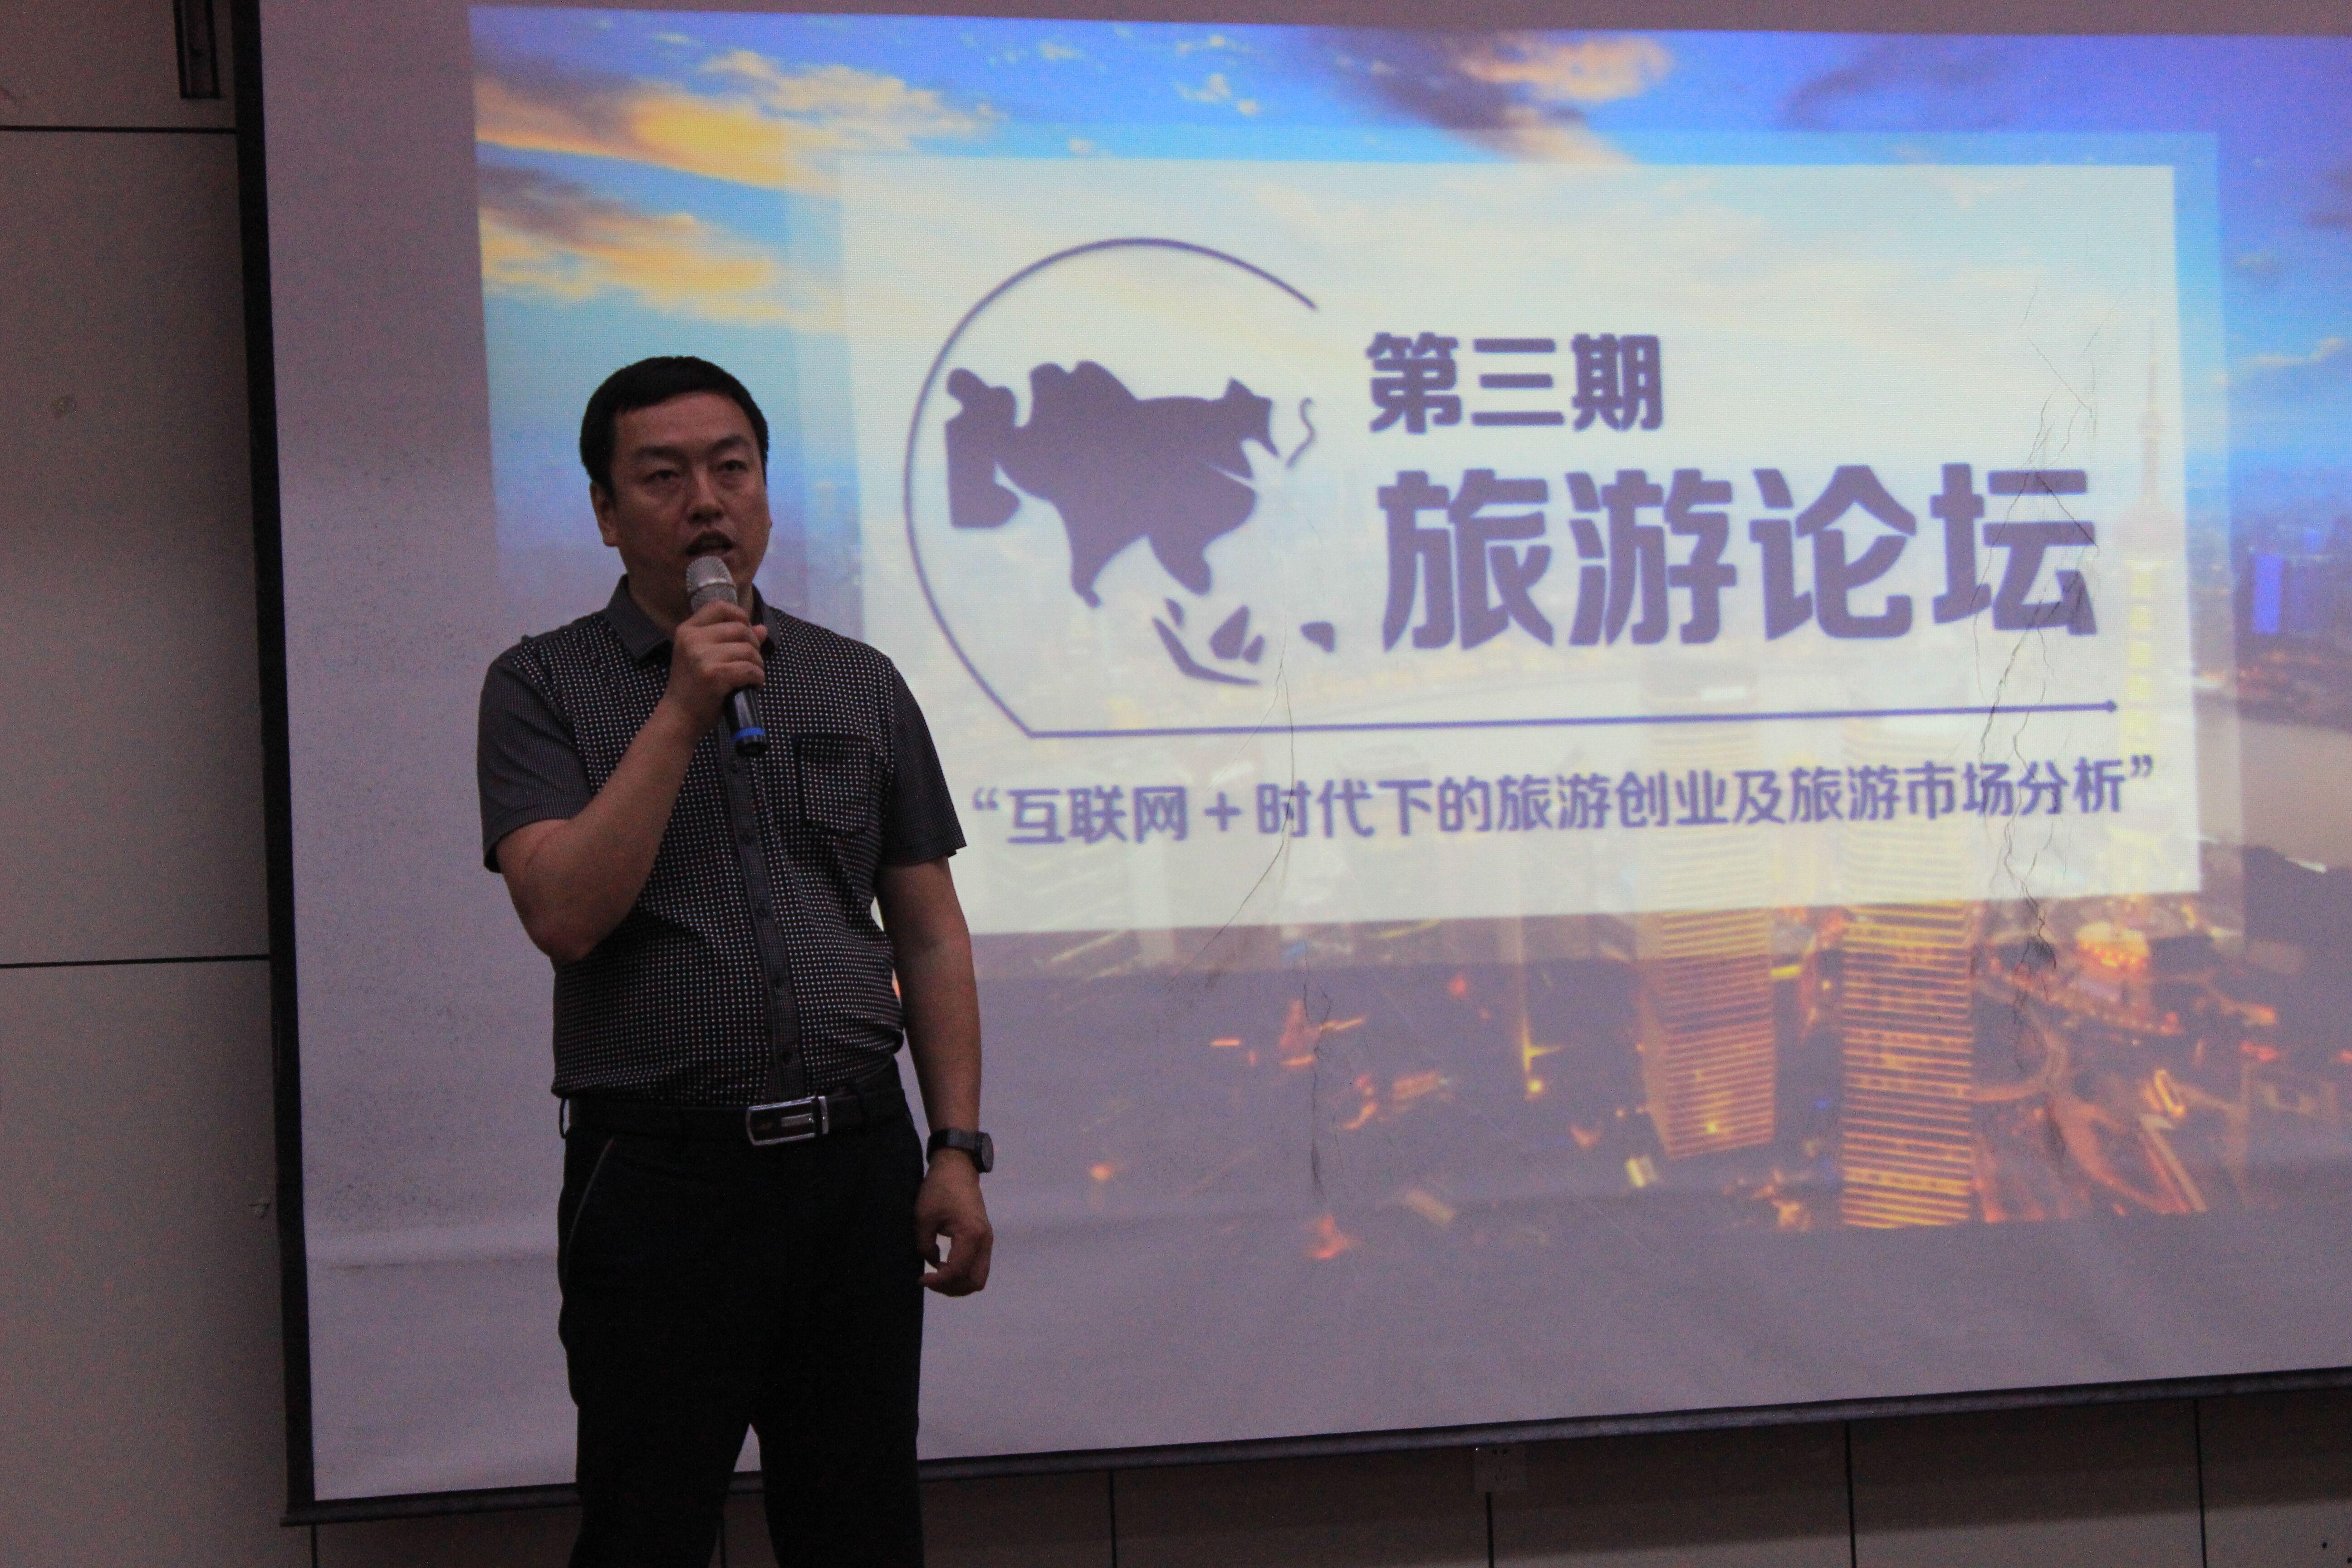 第三期旅游论坛-青岛大学